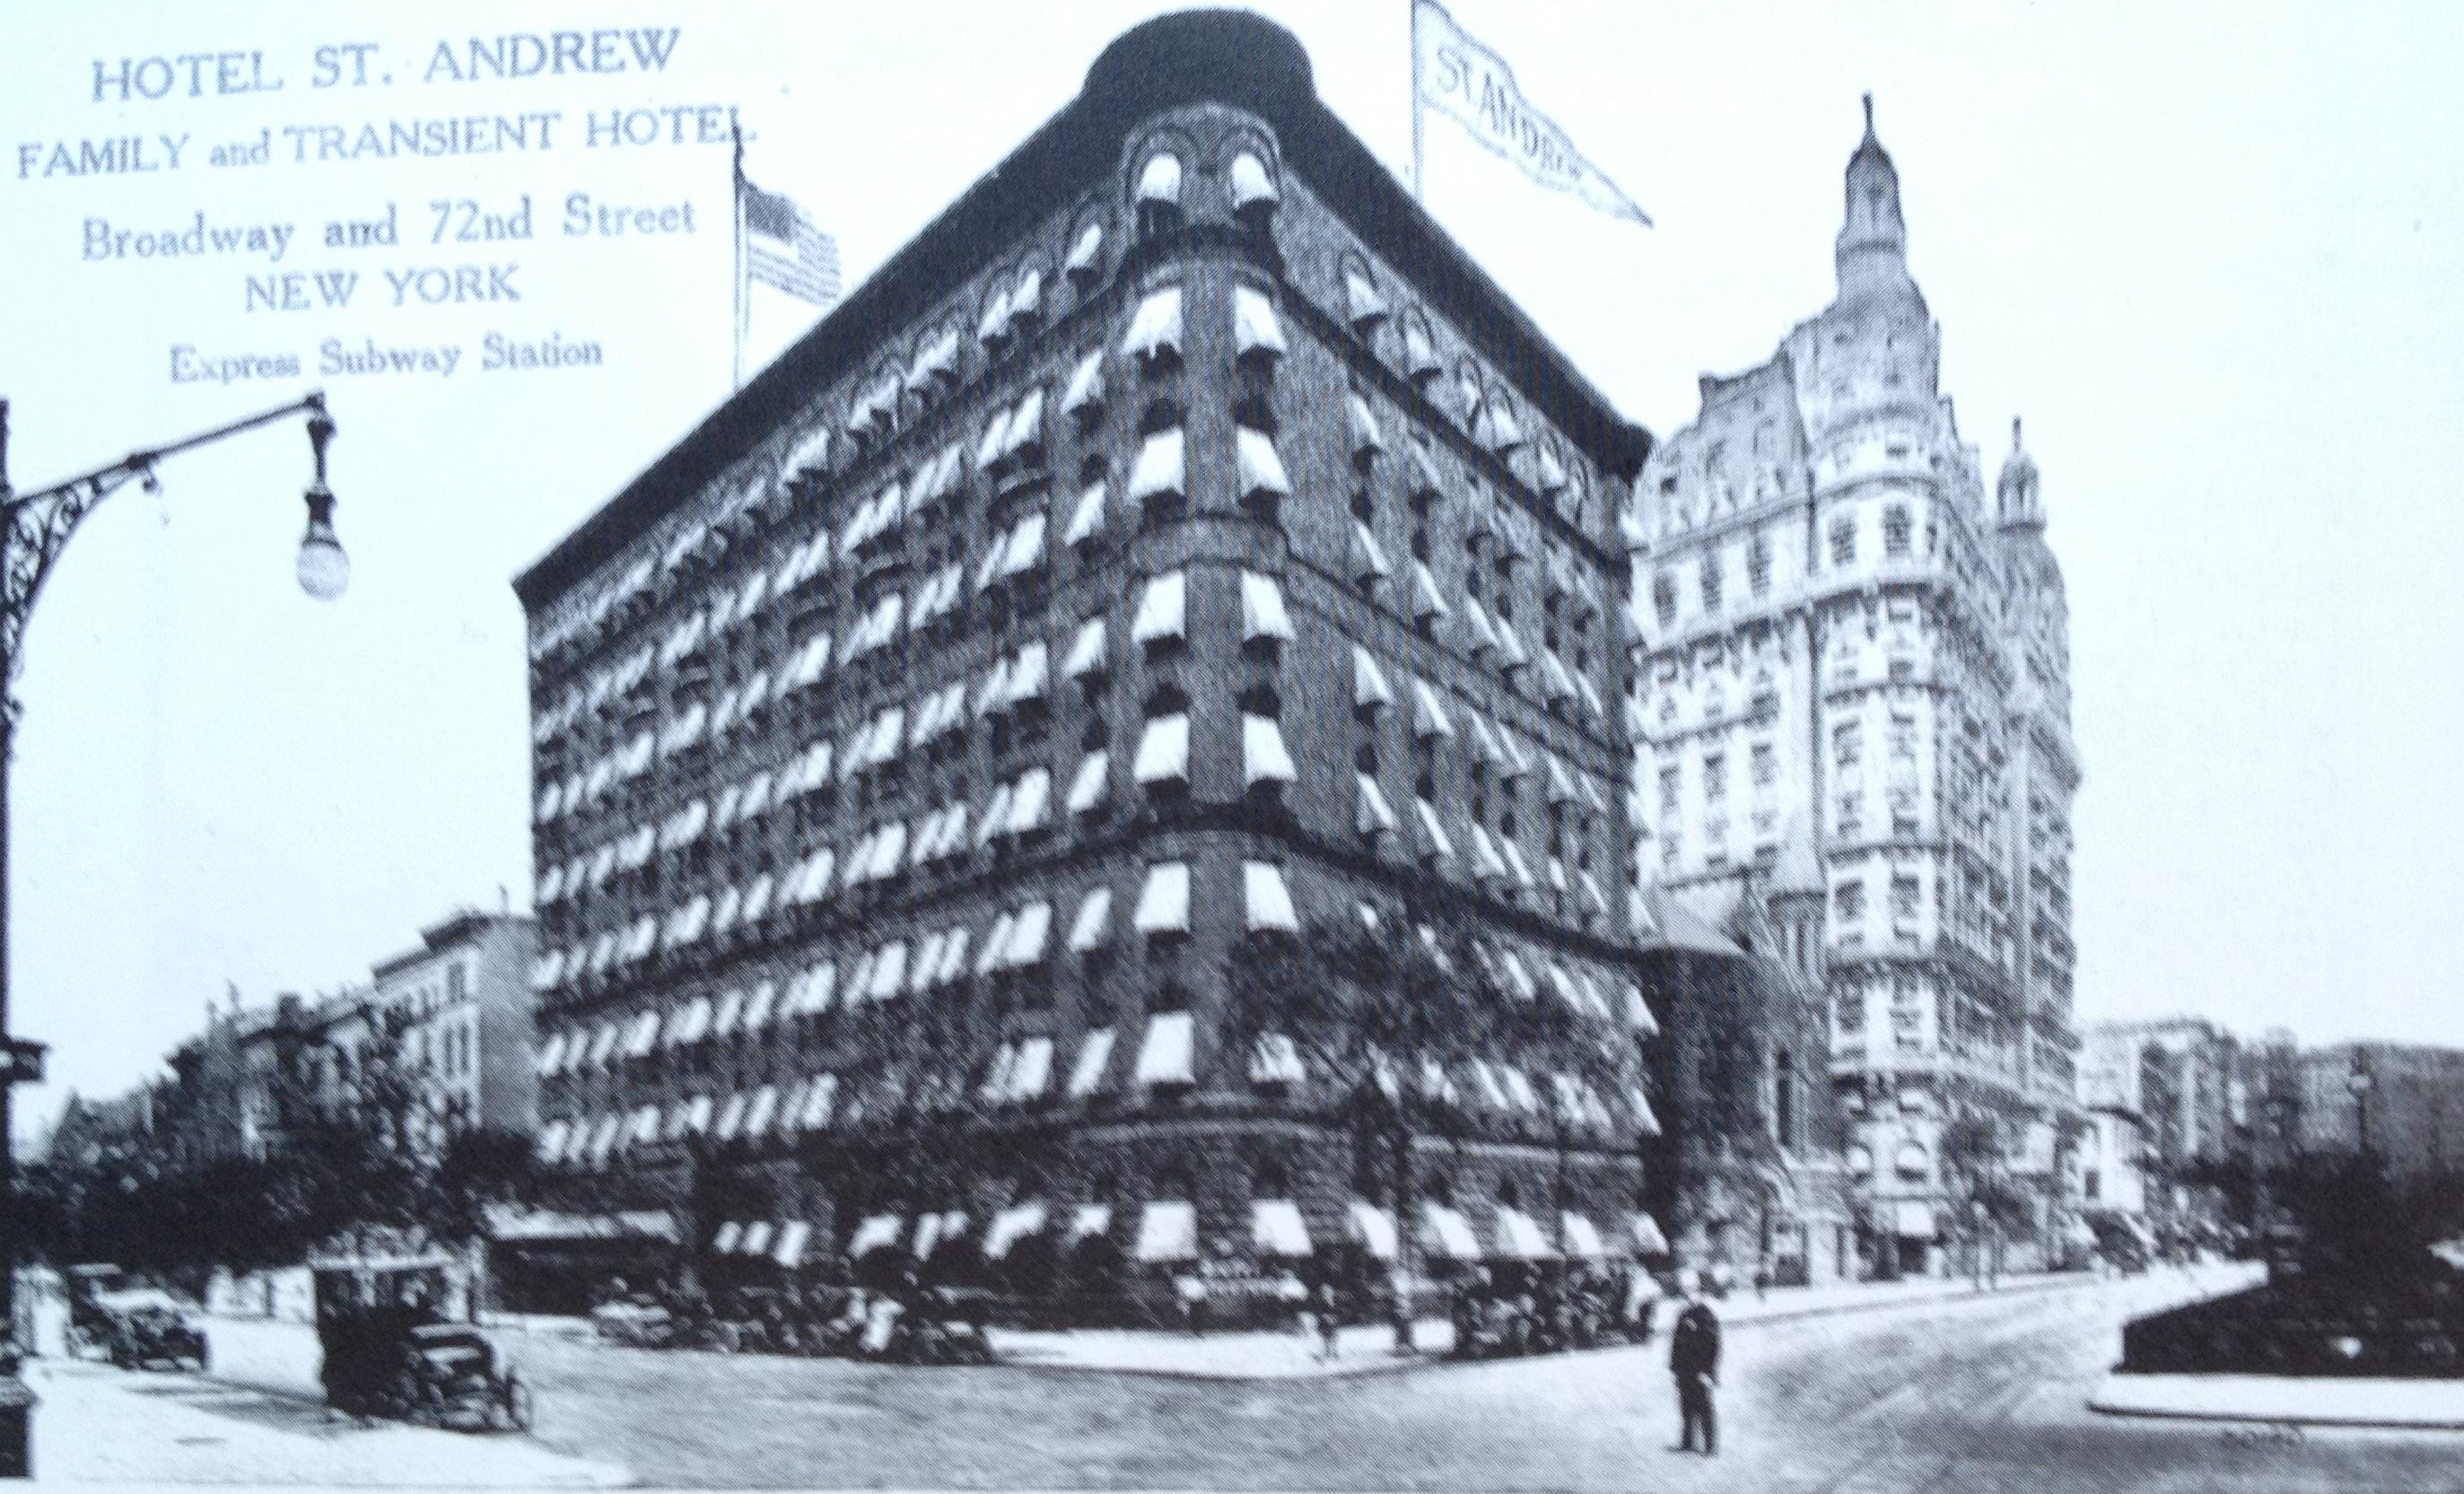 Hotel St. Andrew